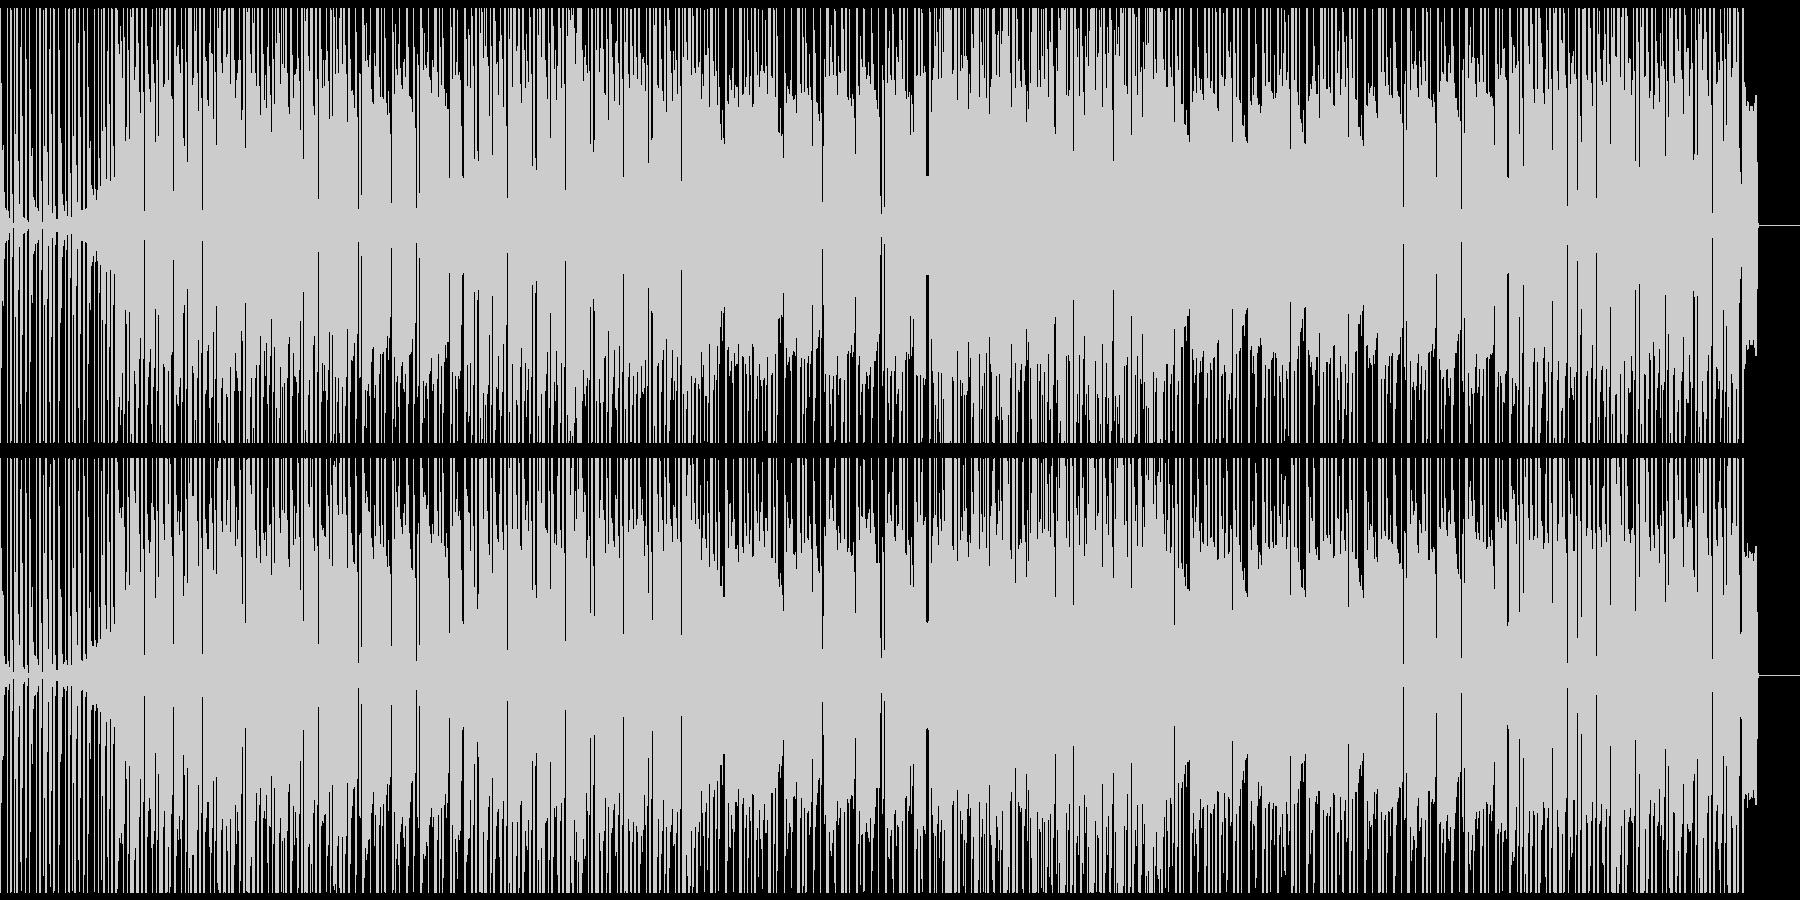 ゆったり坦々としたローファイヒップホップの未再生の波形